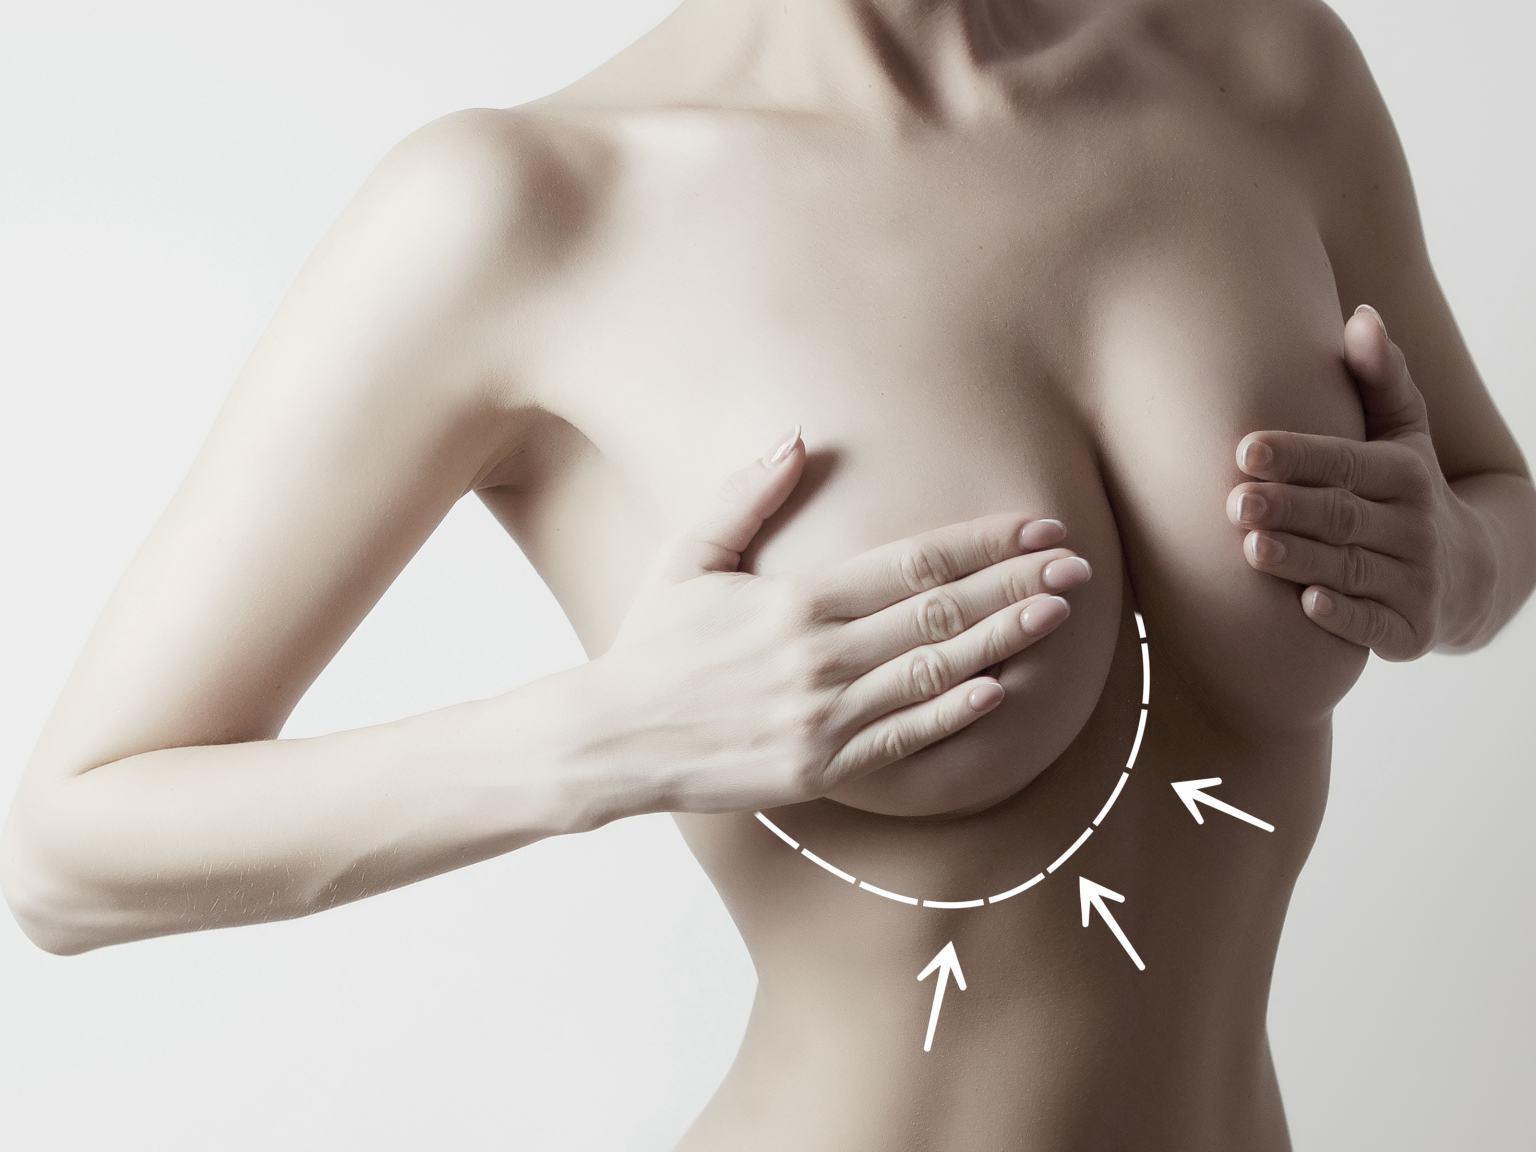 Brust op asymmetrische transgender brustwachstum